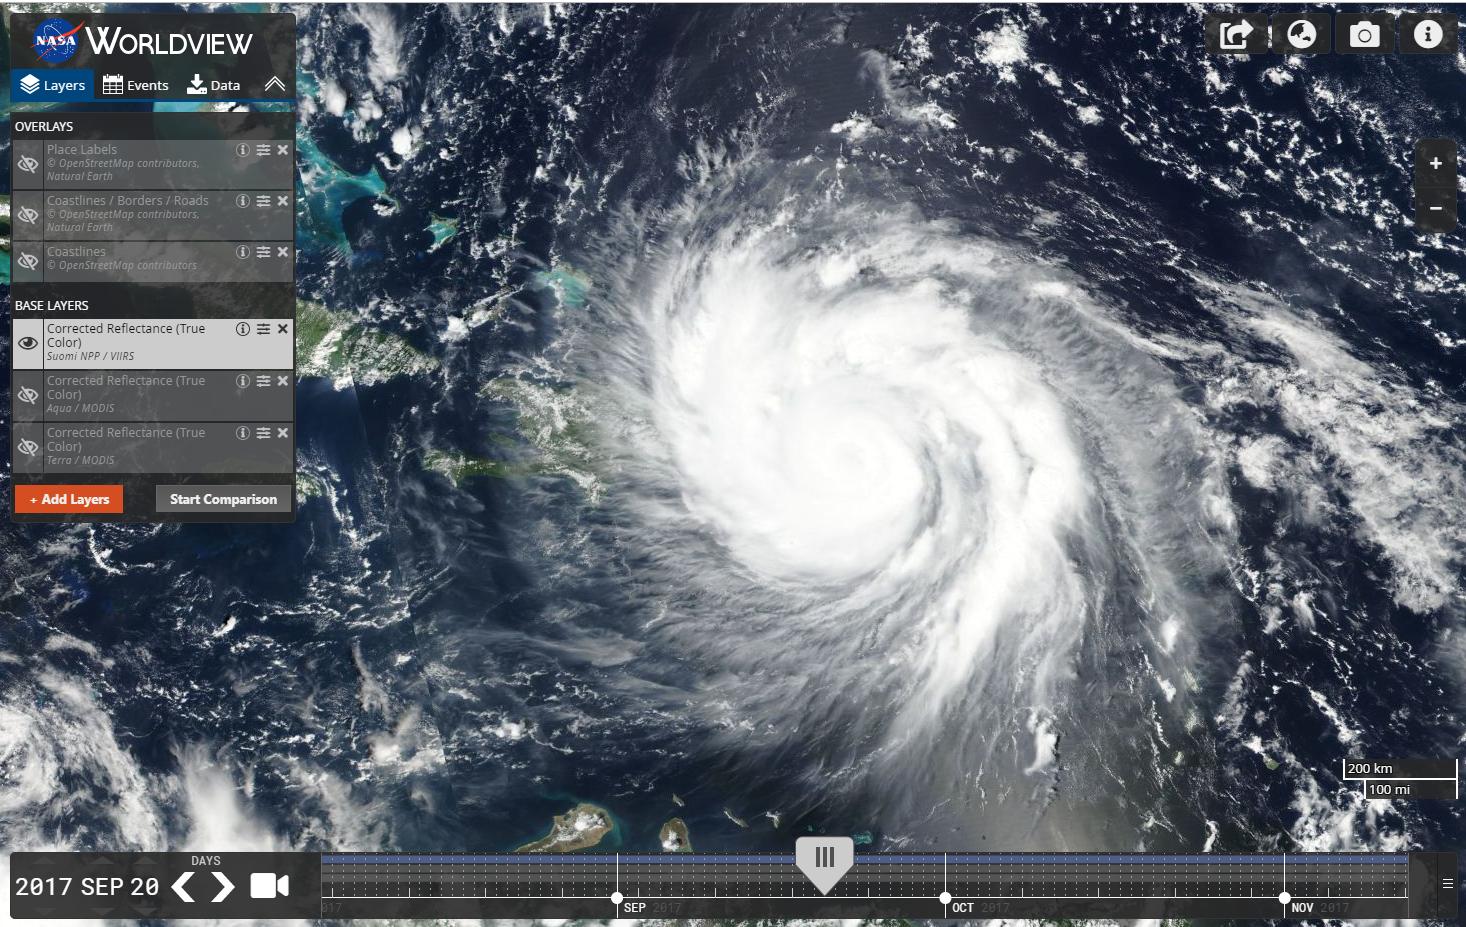 Hurricane Maria in Worldview